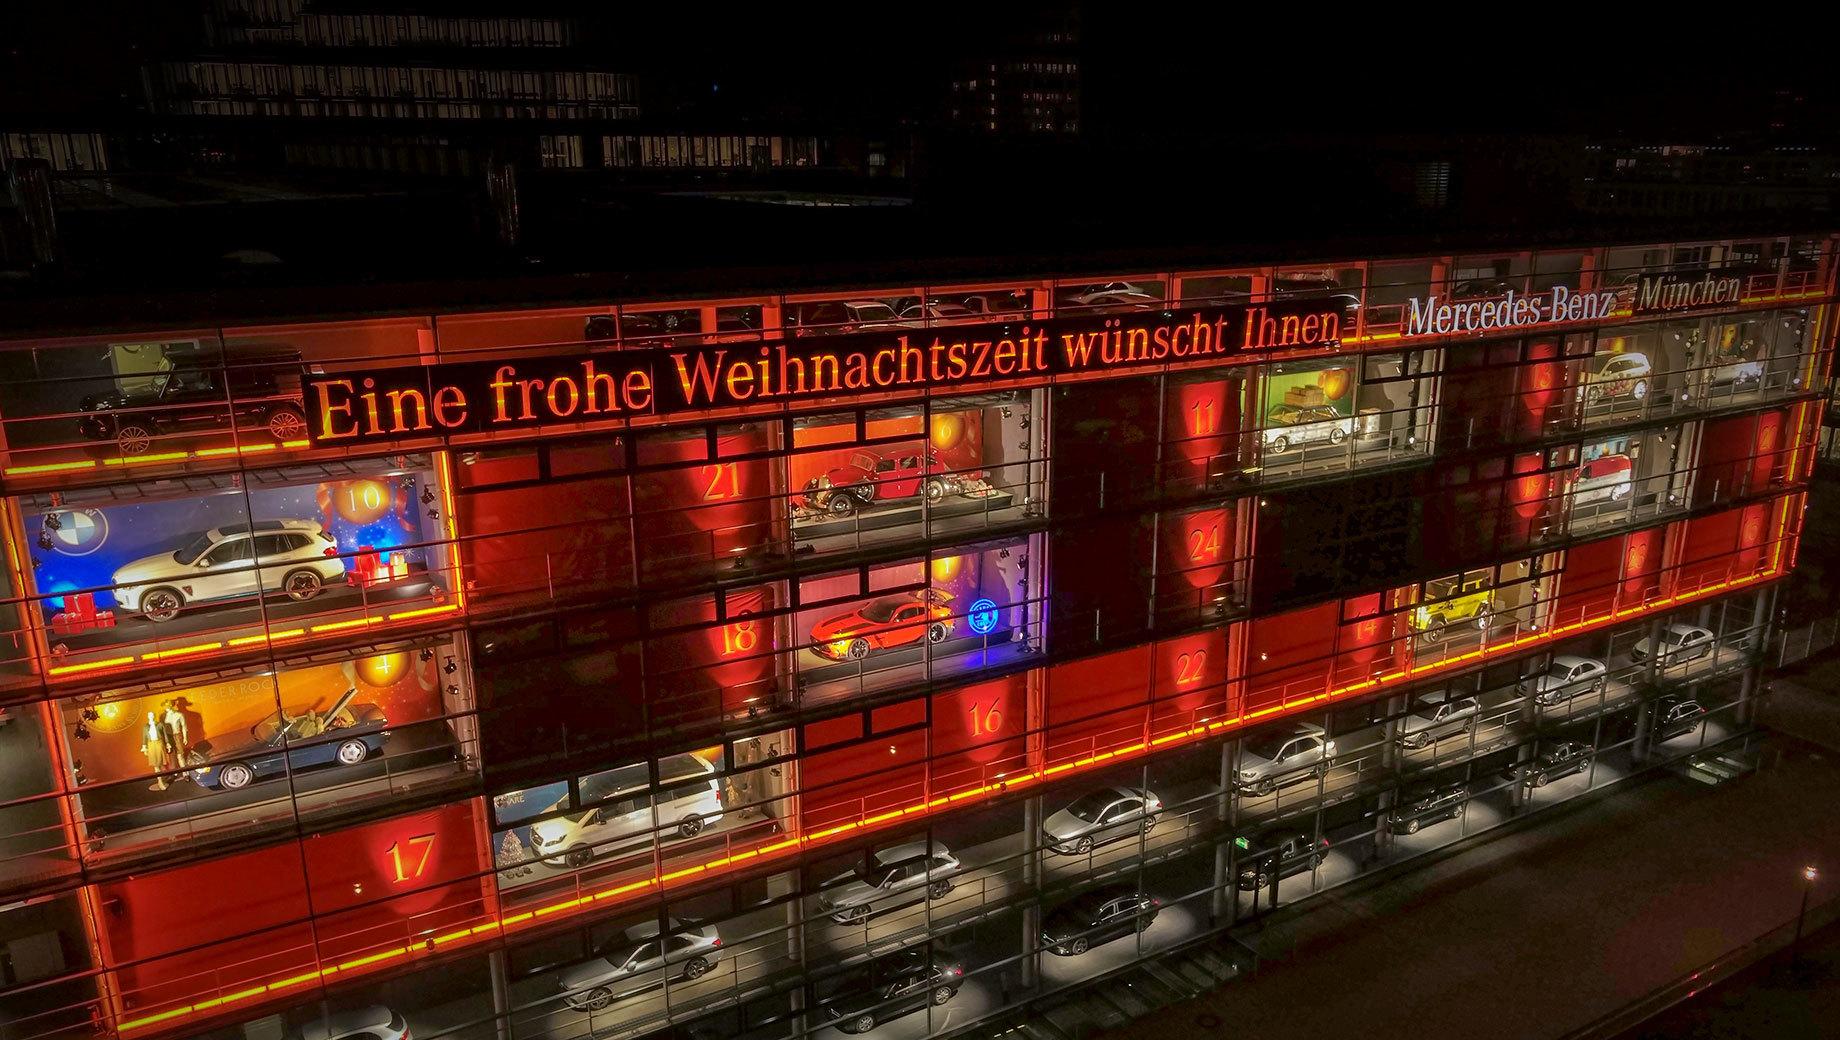 Mercedes-Benz и BMW проявили солидарность в Мюнхене